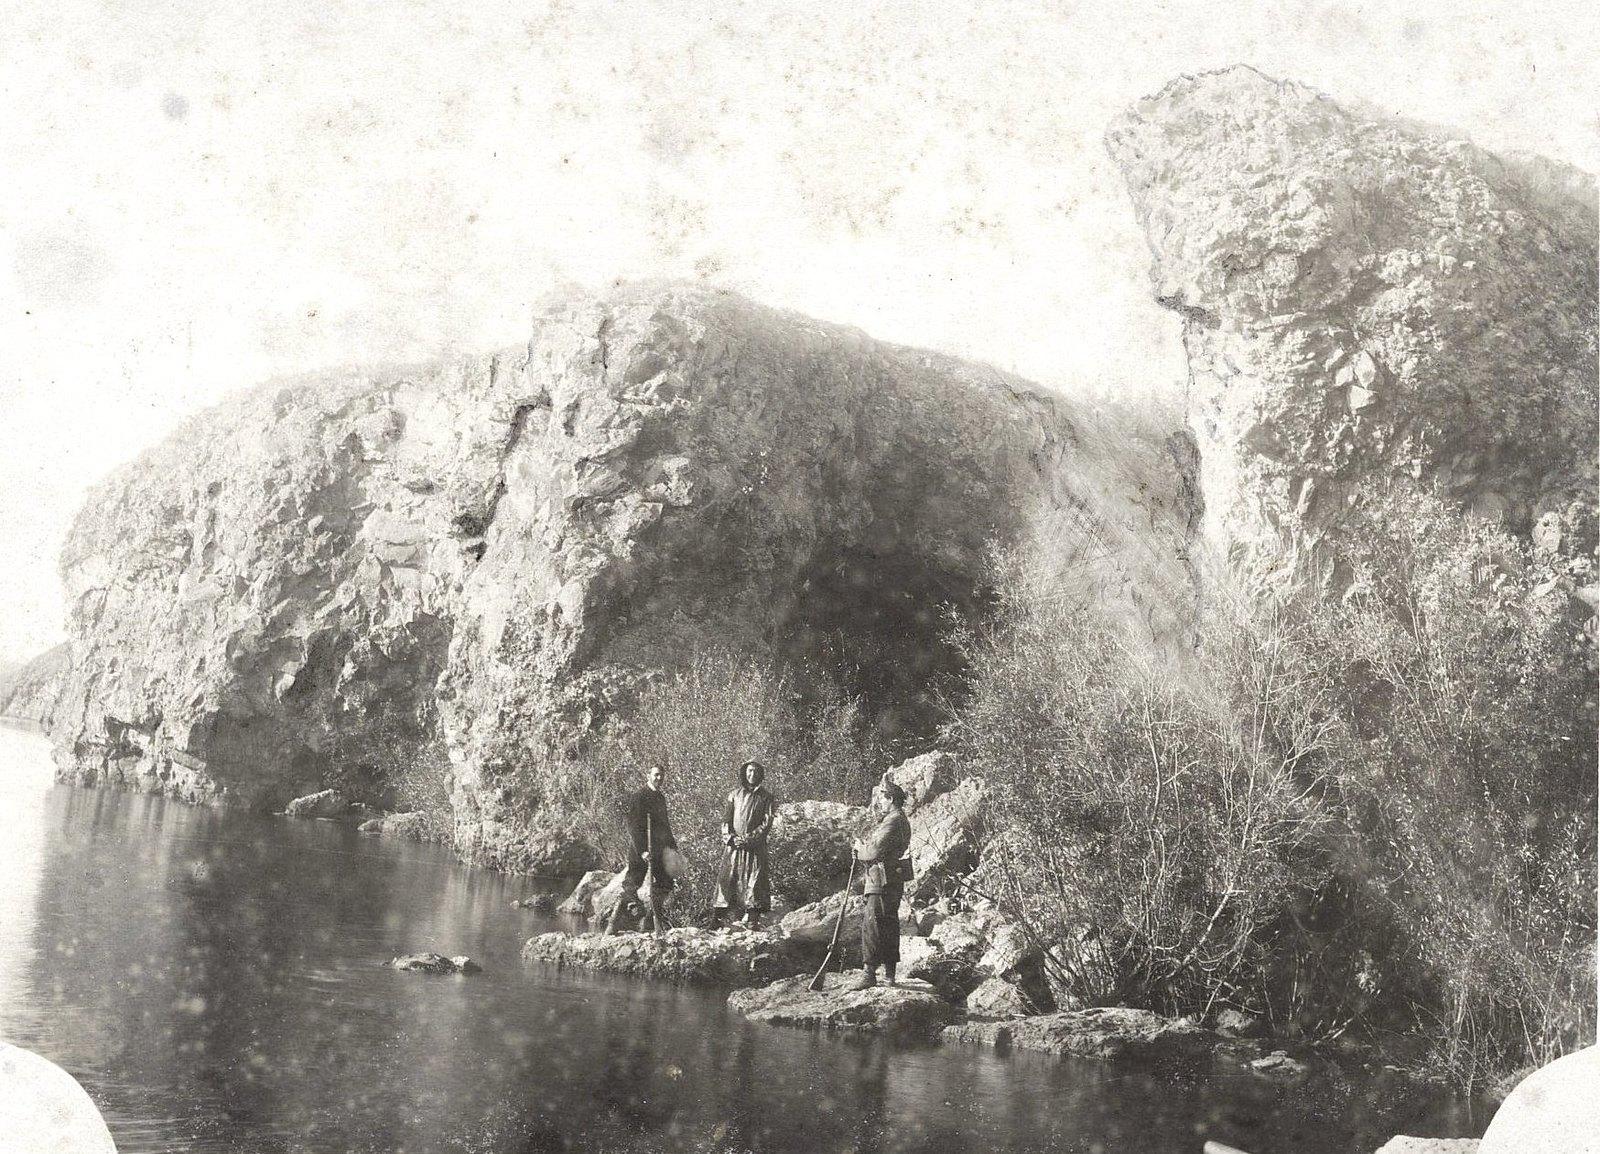 24. Трое неизвестных на скалистом берегу